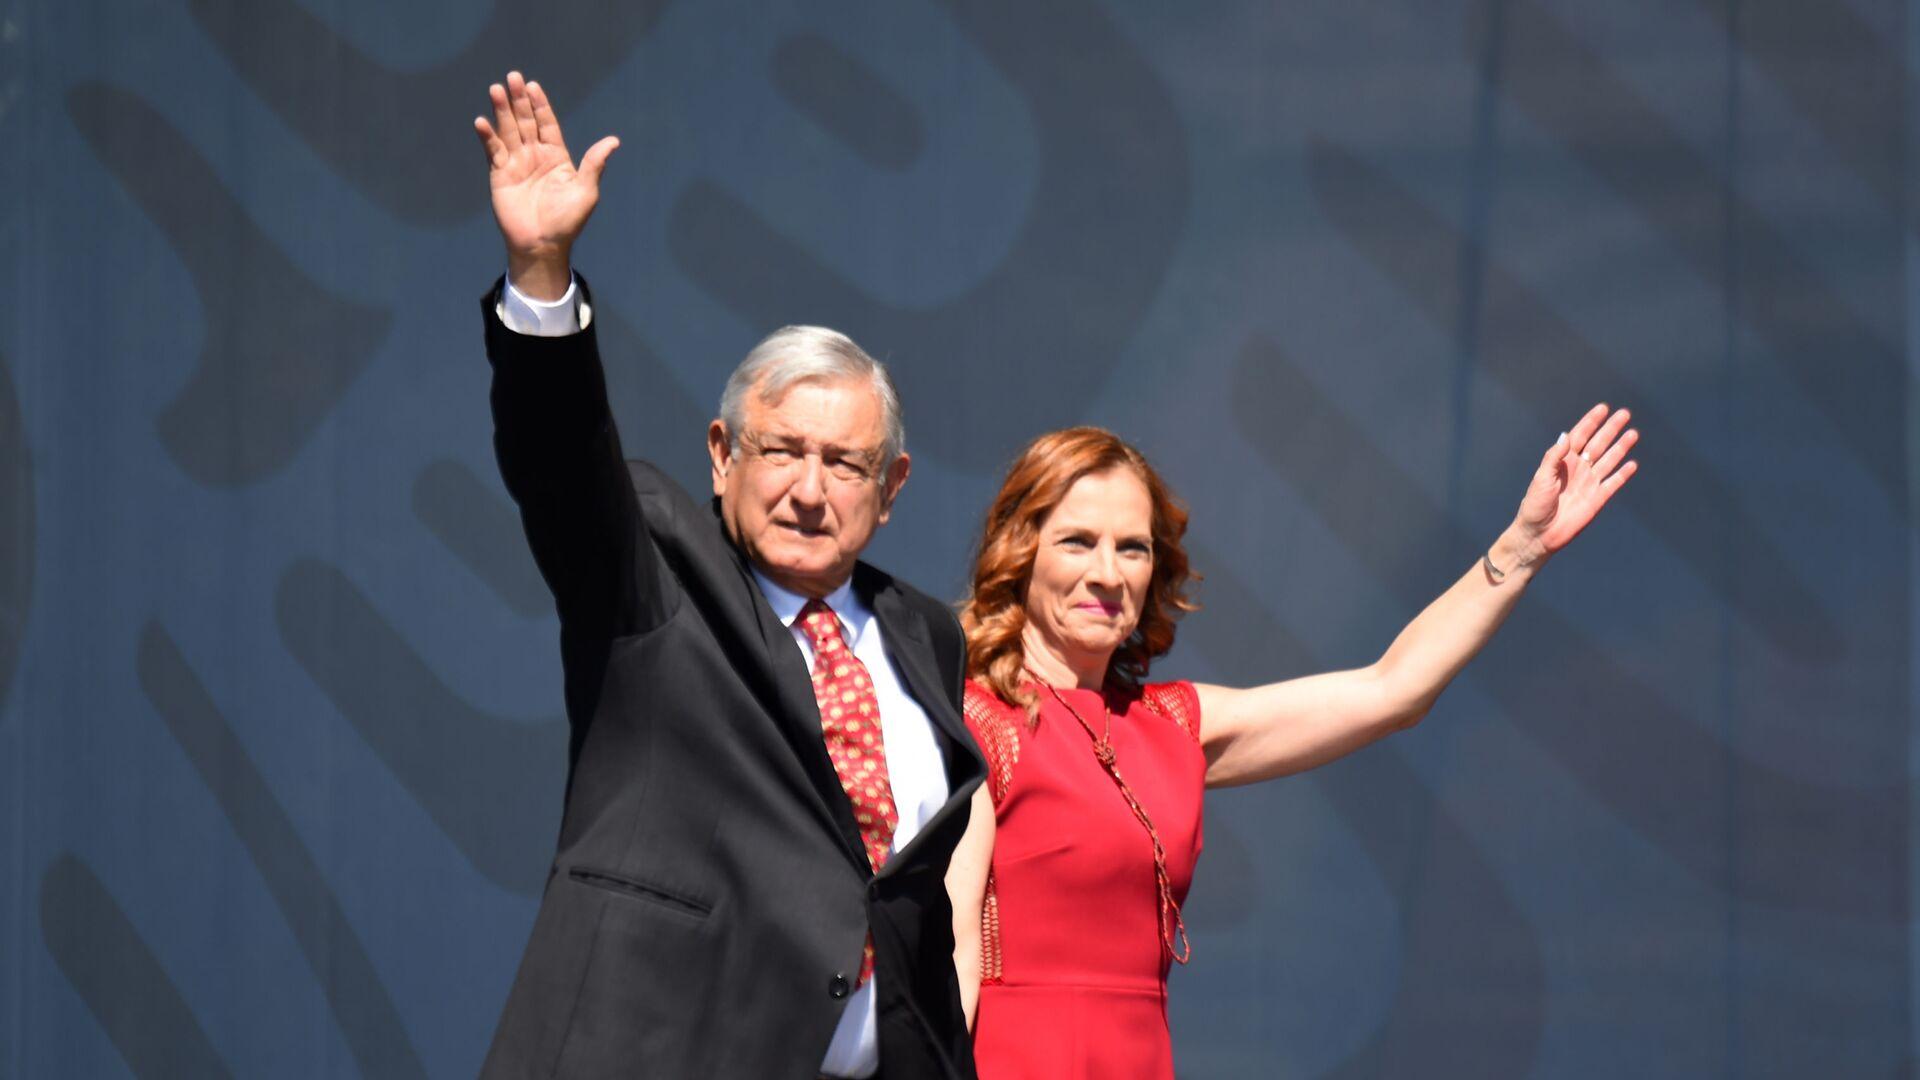 El presidente de México, Andrés Manuel López Obrador, y su esposa Beatriz Gutiérrez Müller - Sputnik Mundo, 1920, 20.07.2021